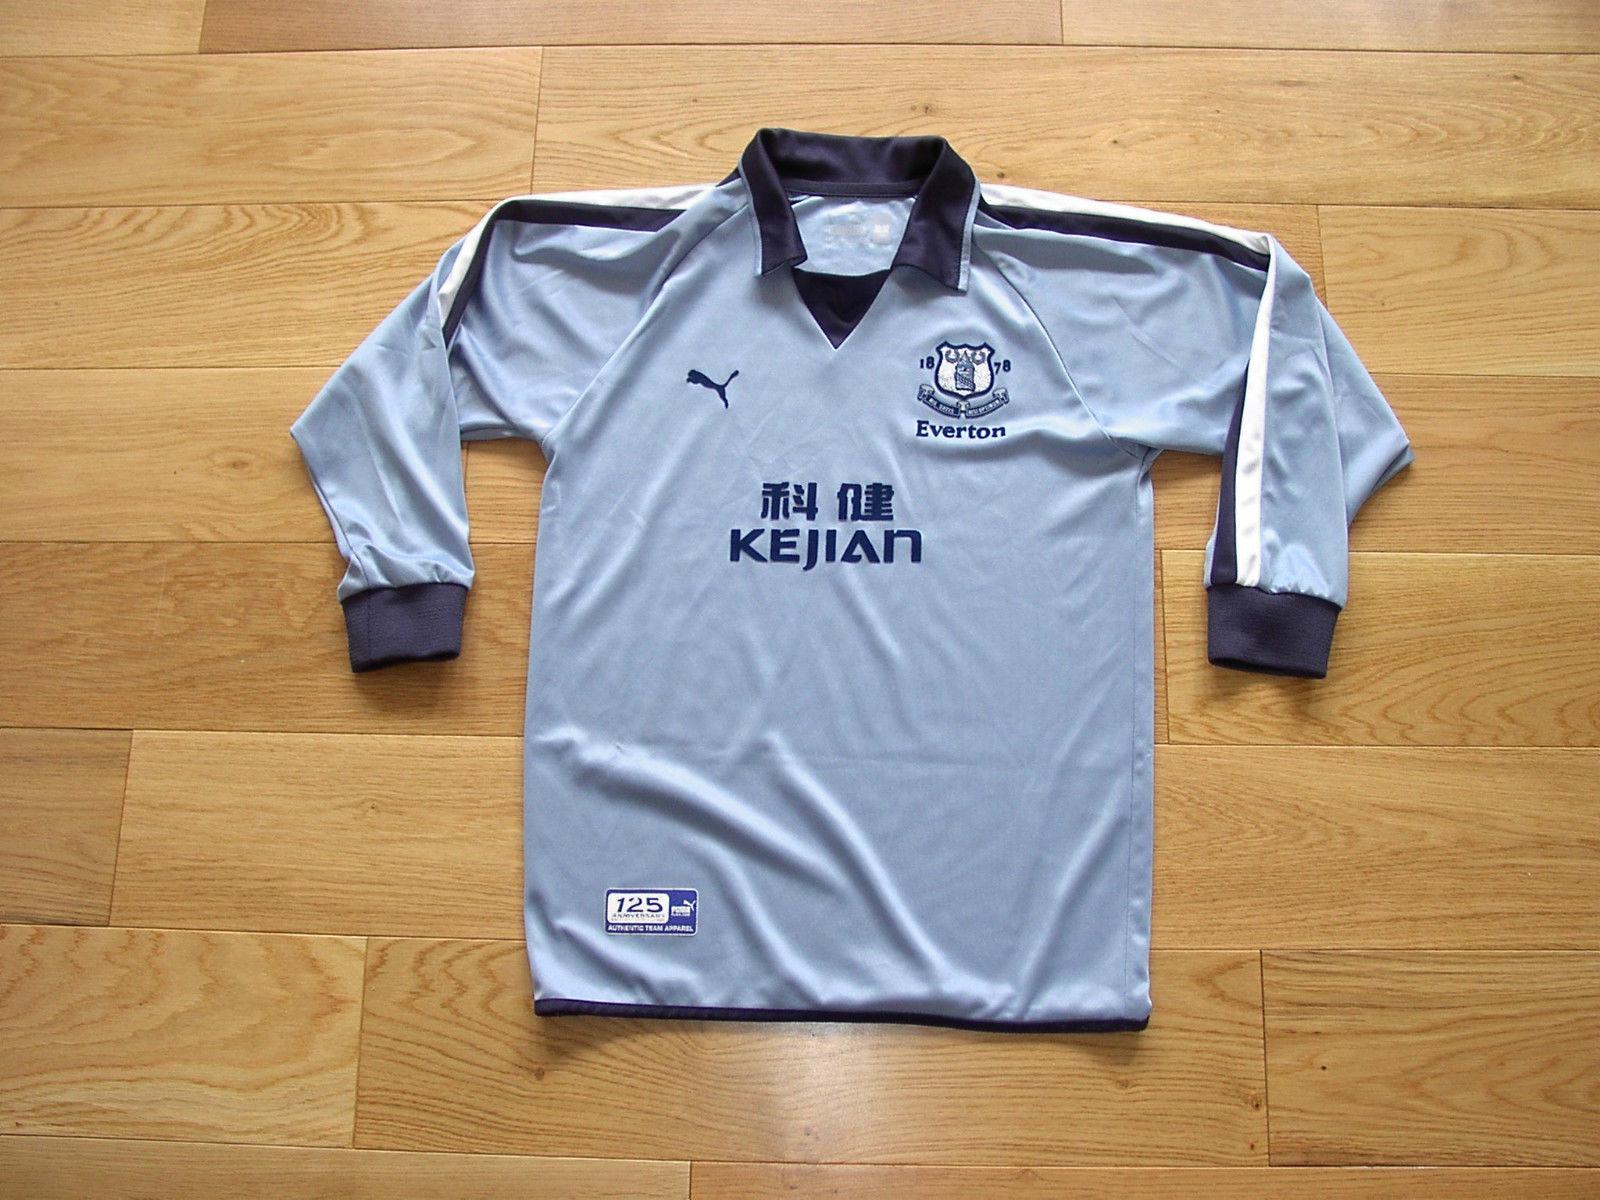 9e2f3a414e9 Your favourite Everton shirt/strip | Page 3 | GrandOldTeam